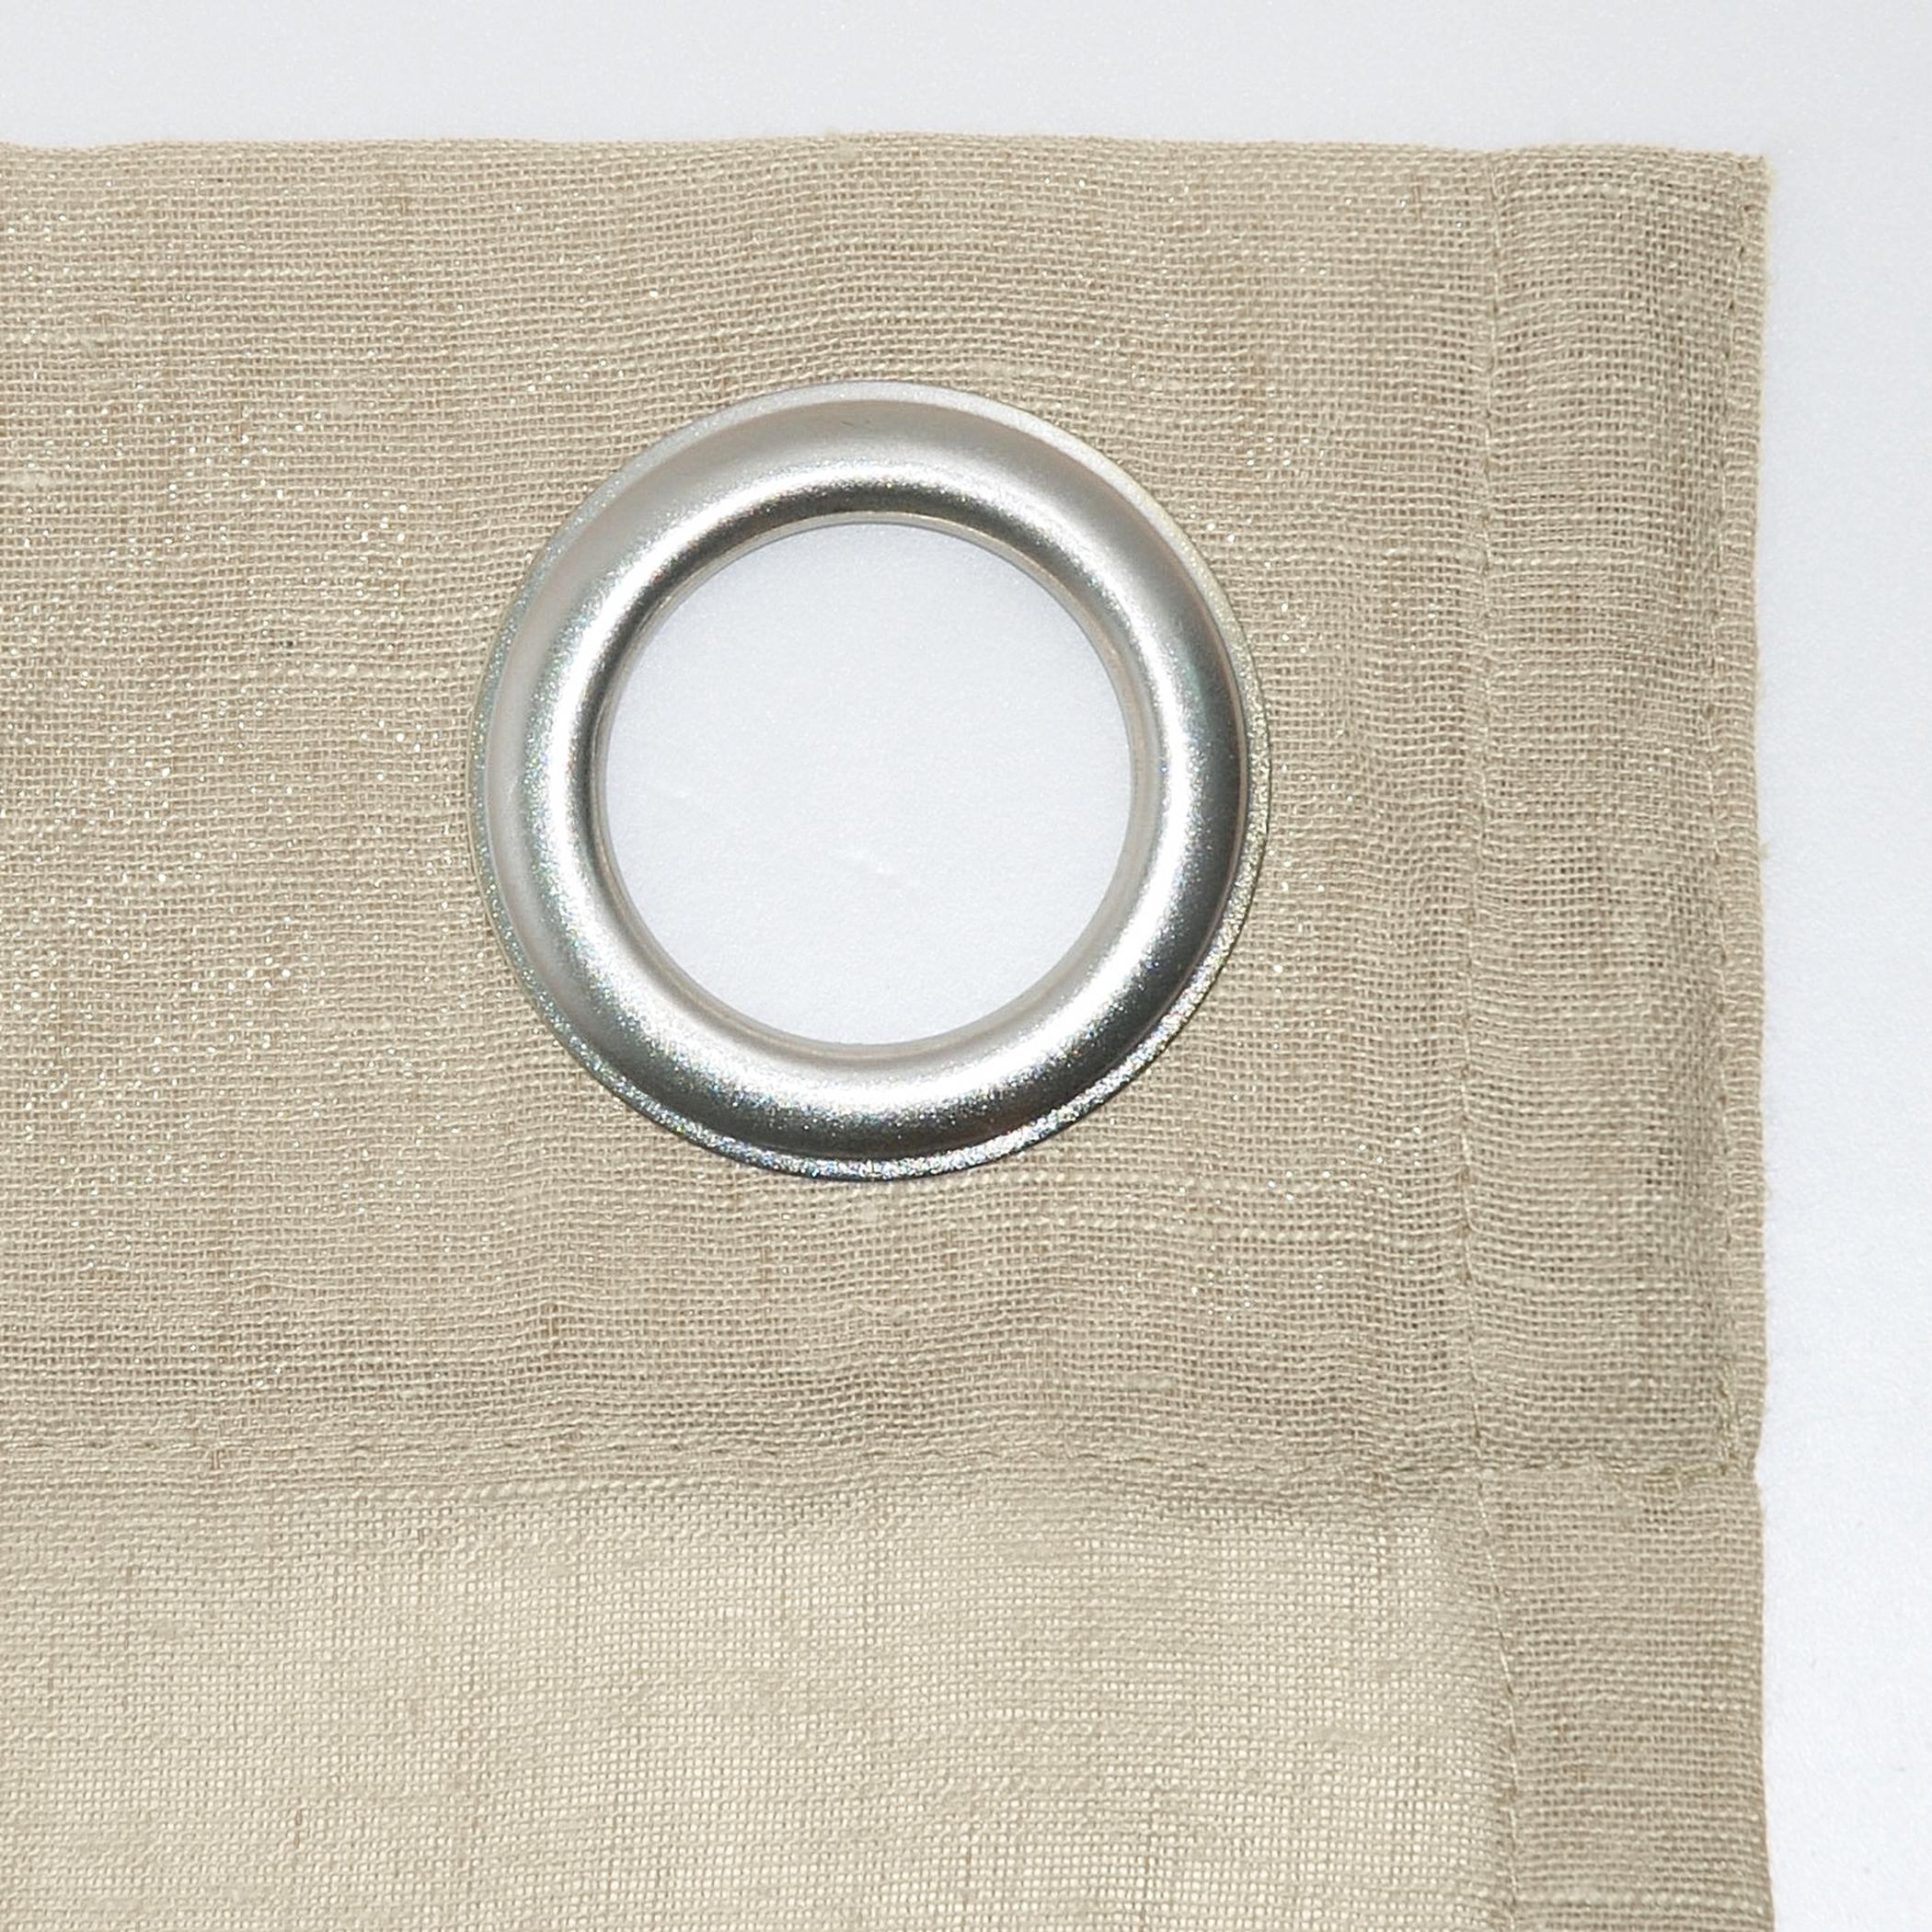 Archaeo Slub Textured Linen Blend Grommet Top Curtain Regarding Archaeo Slub Textured Linen Blend Grommet Top Curtains (View 12 of 20)